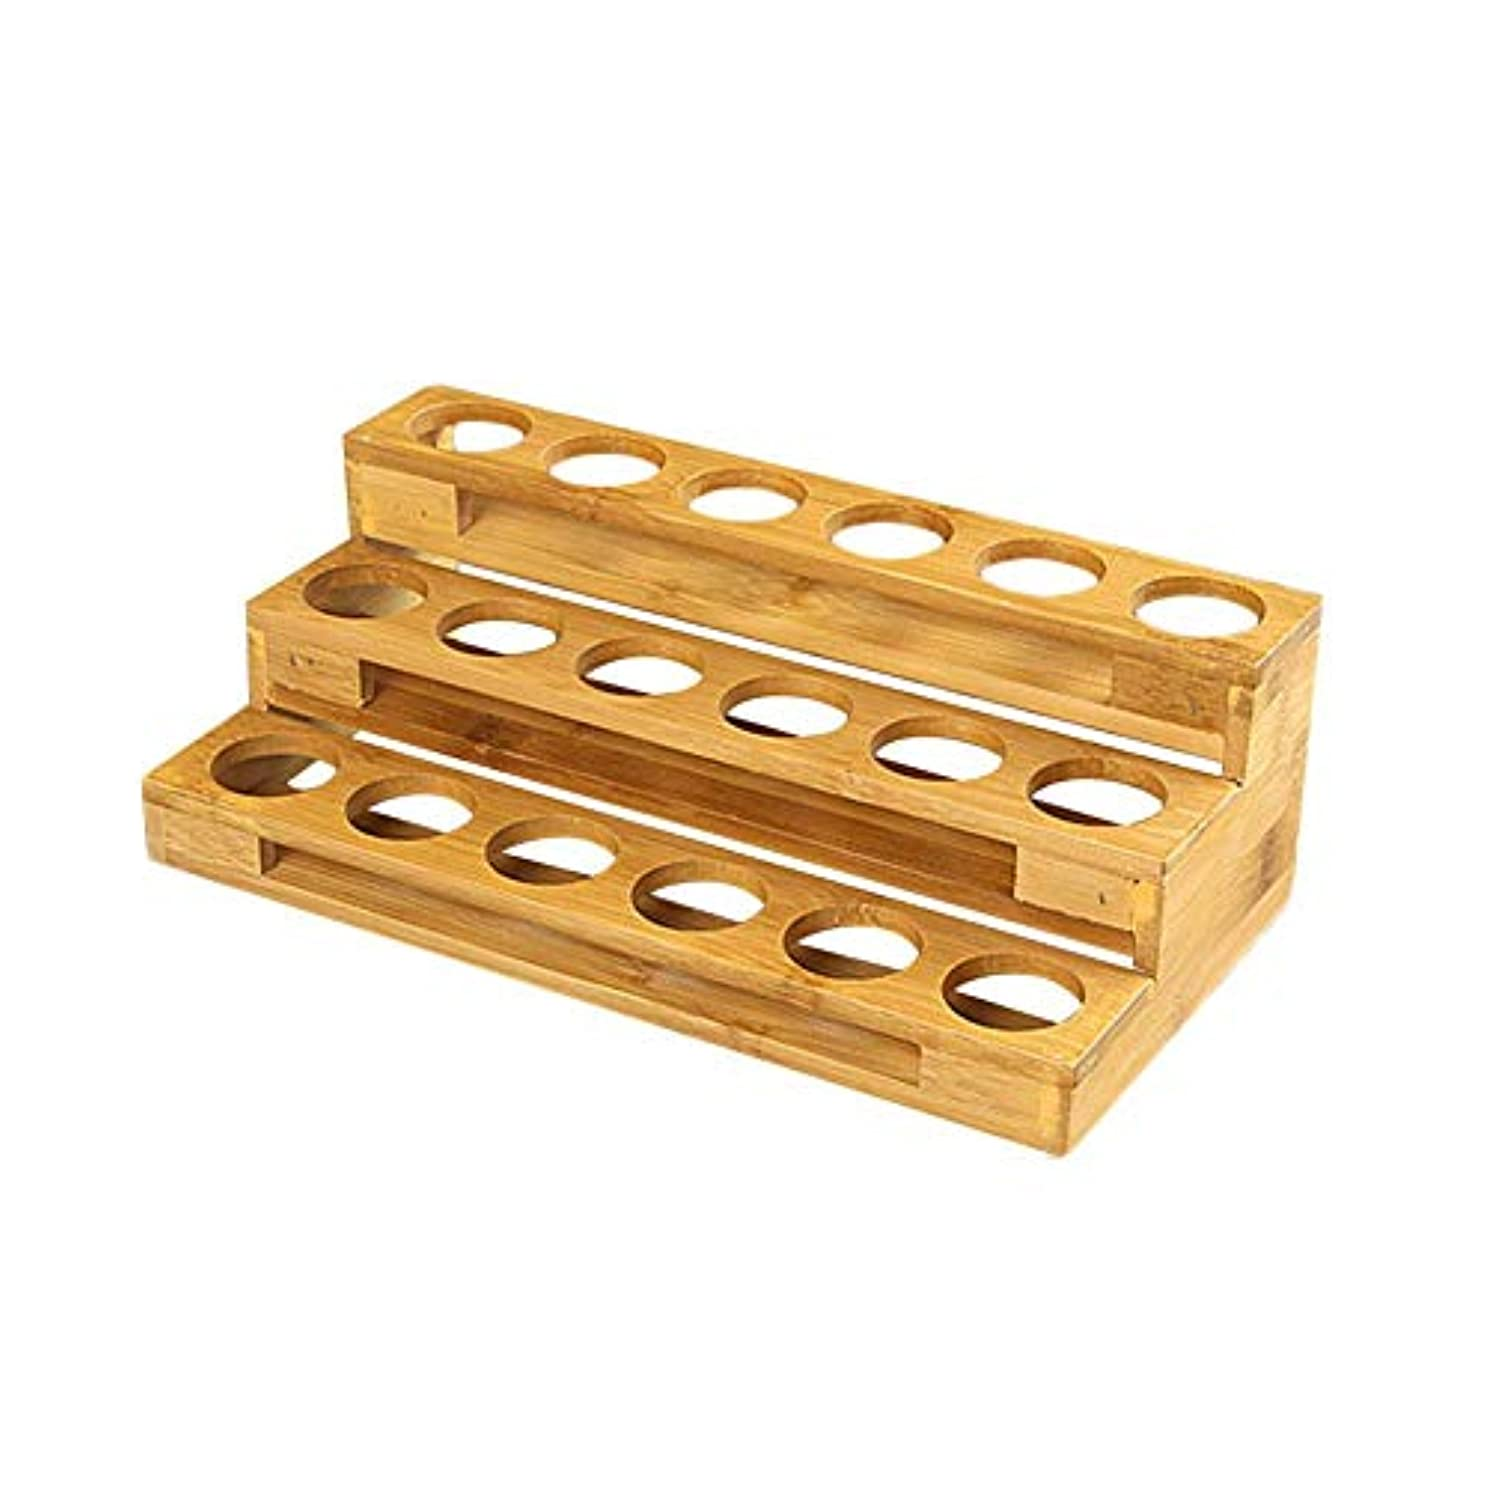 移動工場マーチャンダイザーエッセンシャルオイル収納ボックス 自然木製 エッセンシャルオイルオイル 収納 ボックス 香水収納ケース はしごタイプ アロマオイル収納ボックス 18本用